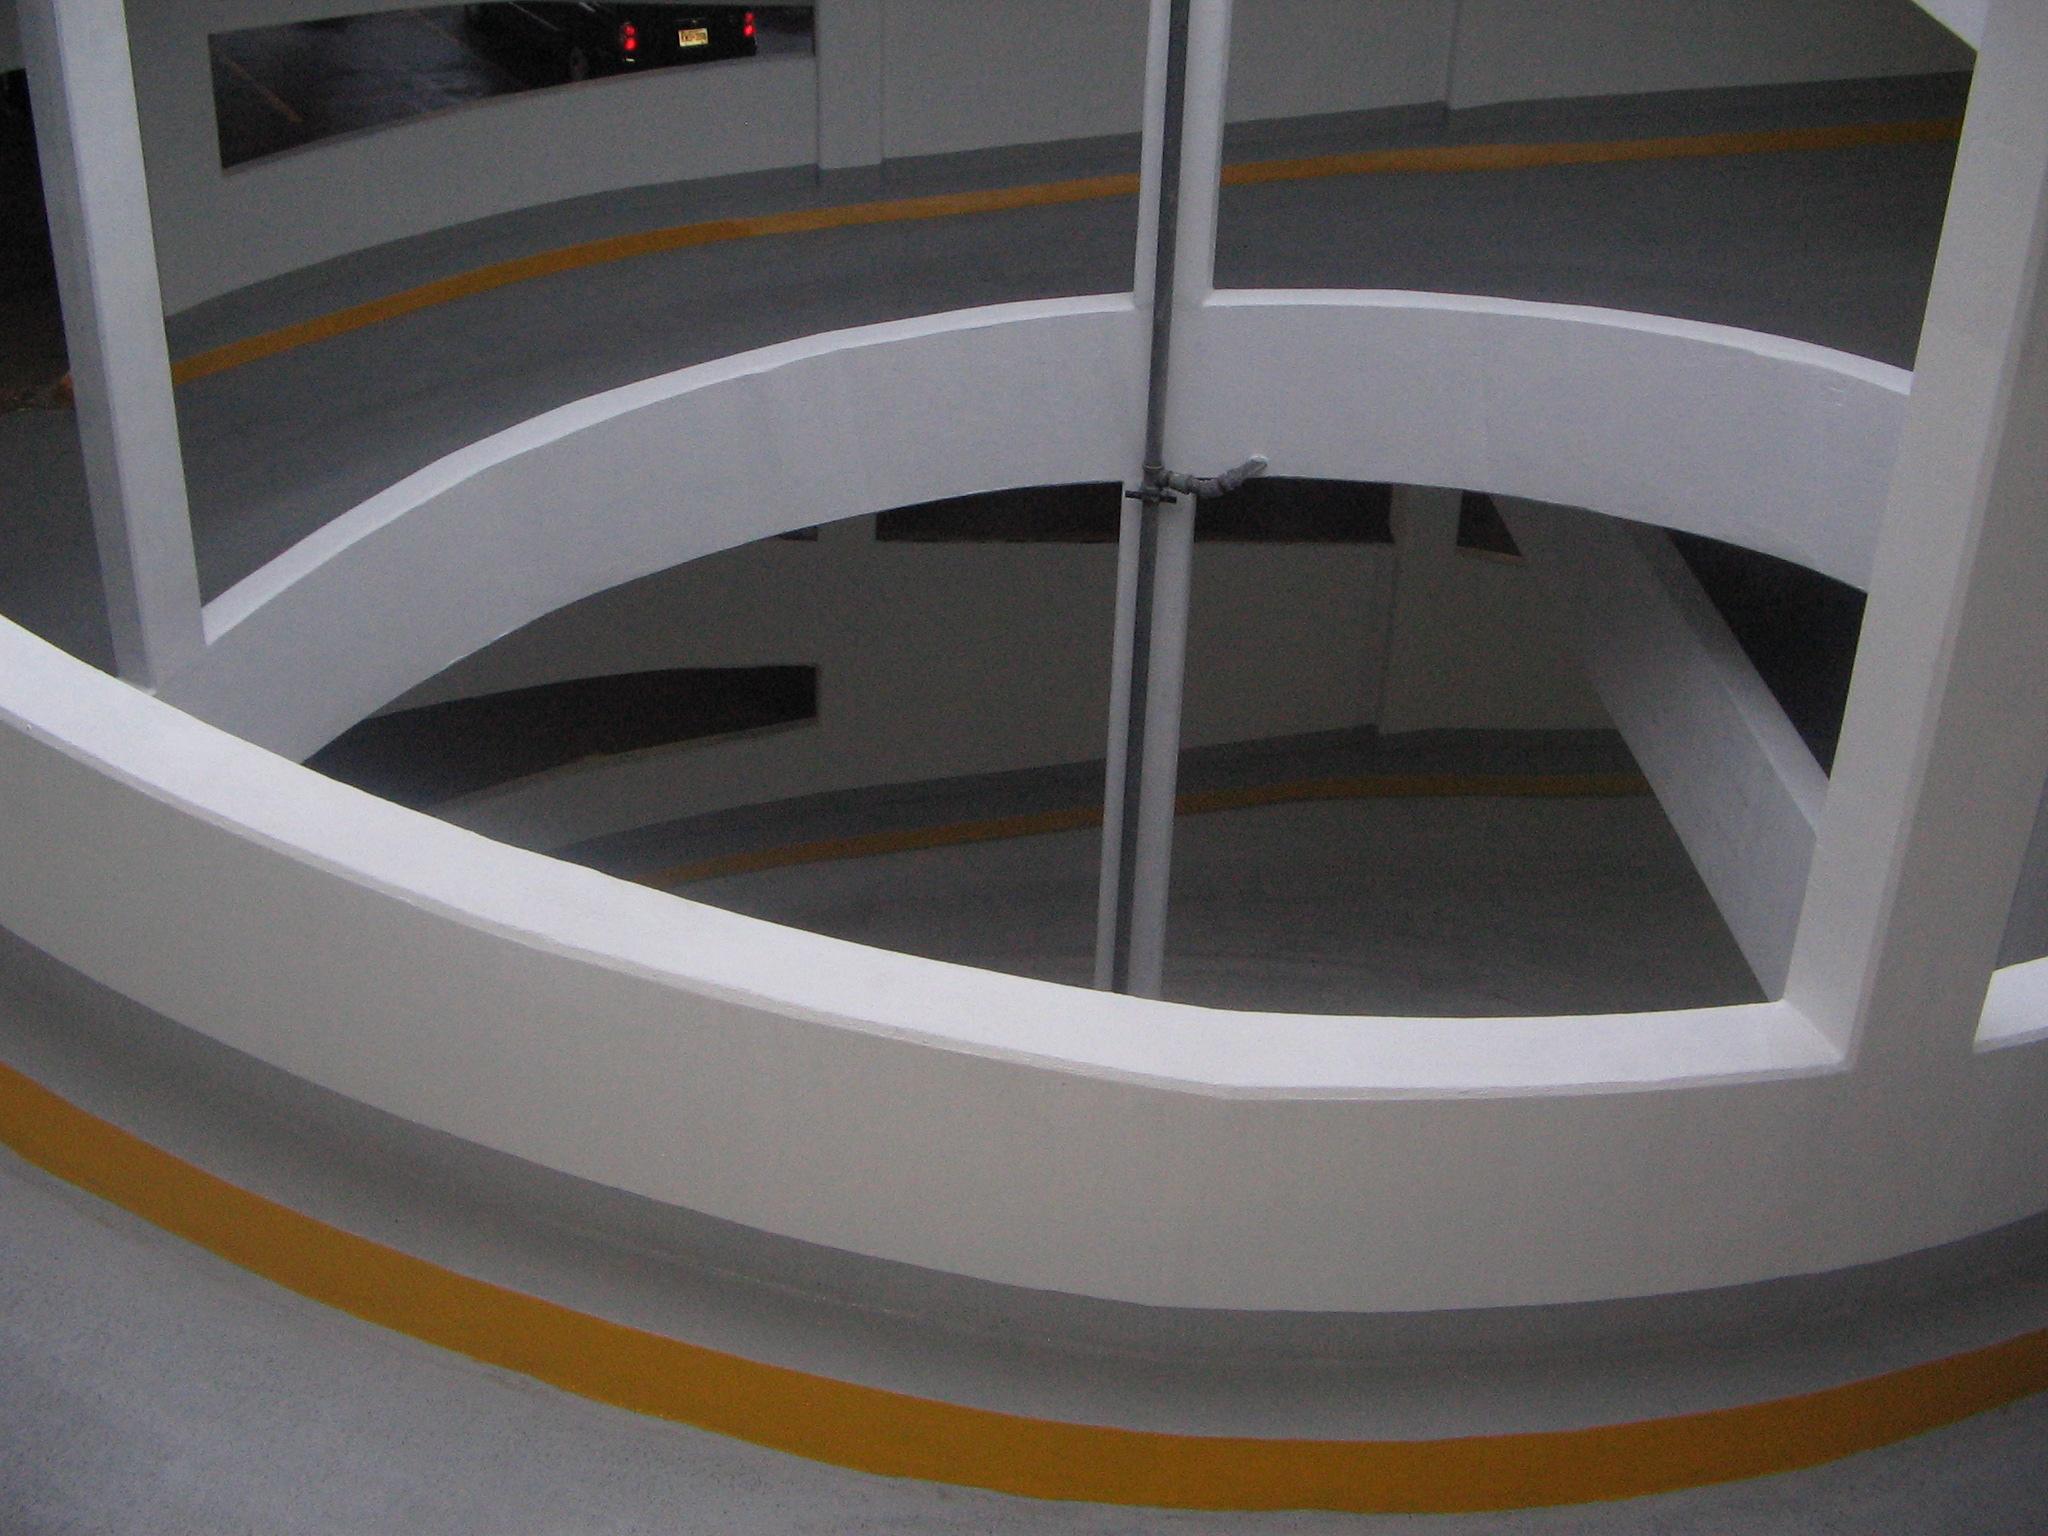 membrane-insallation-complete-12